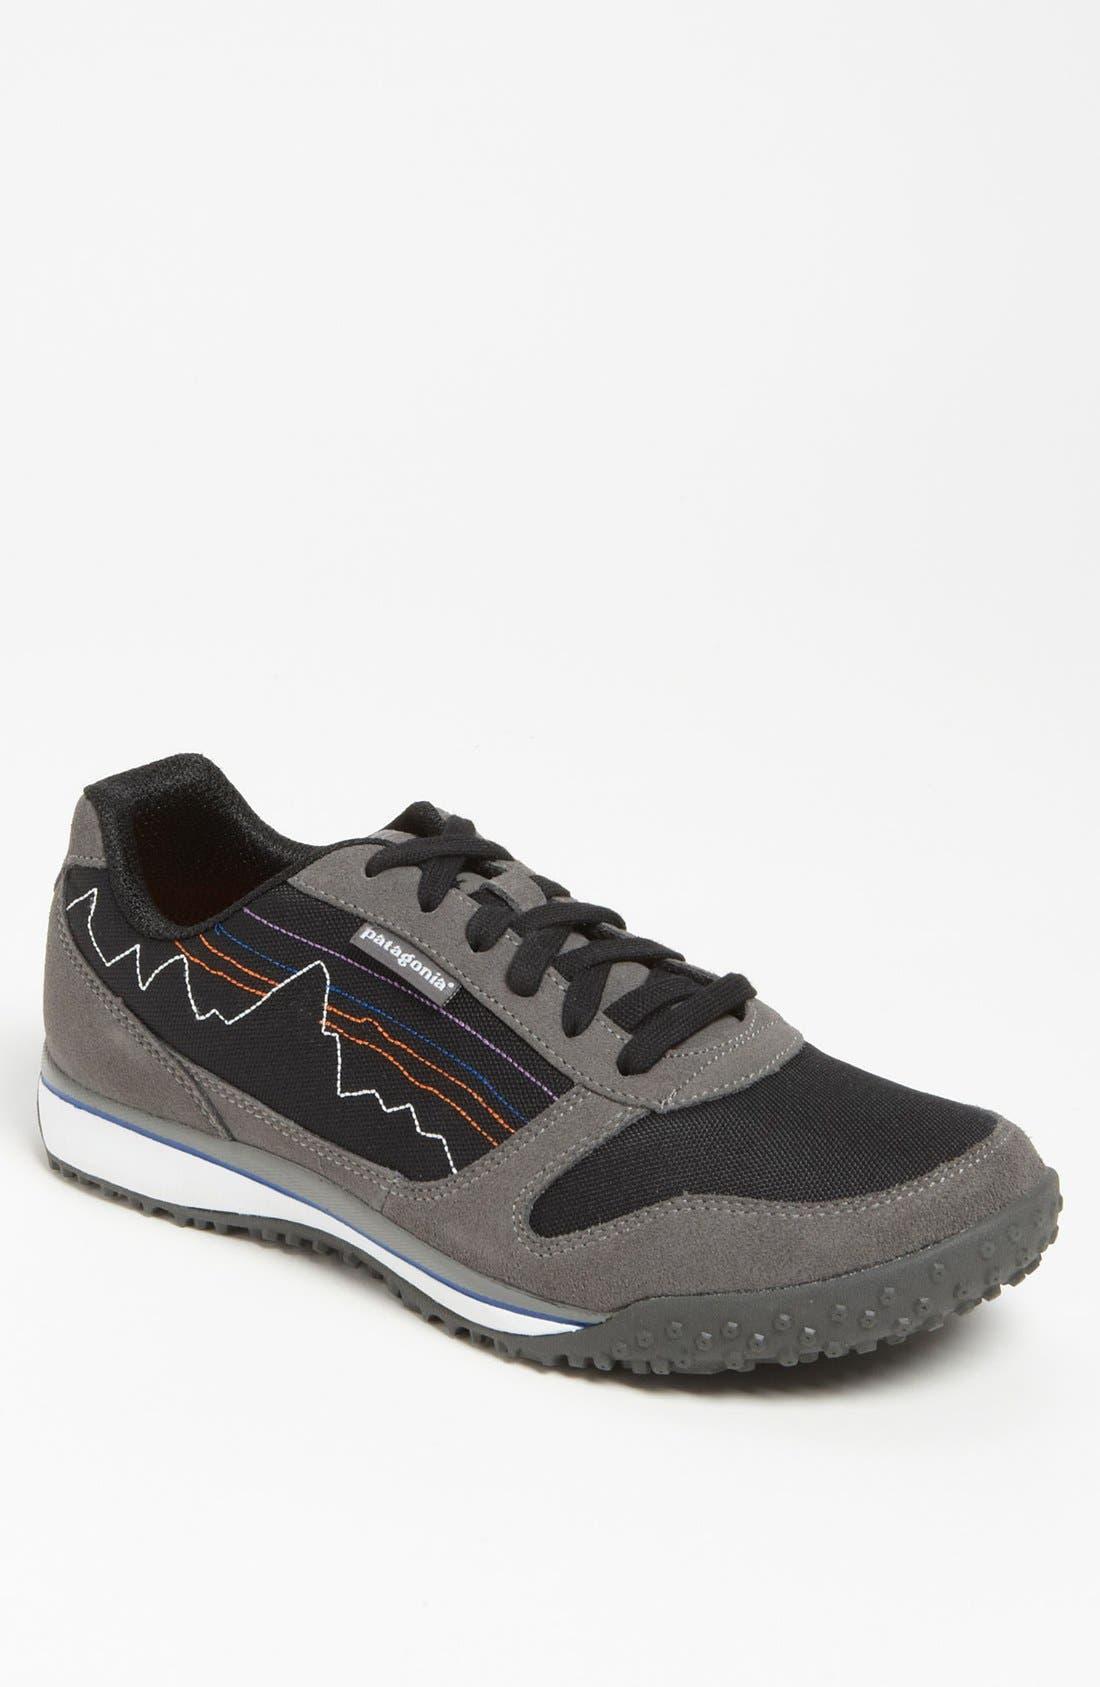 Alternate Image 1 Selected - Patagonia 'Fitz' Sneaker (Men)